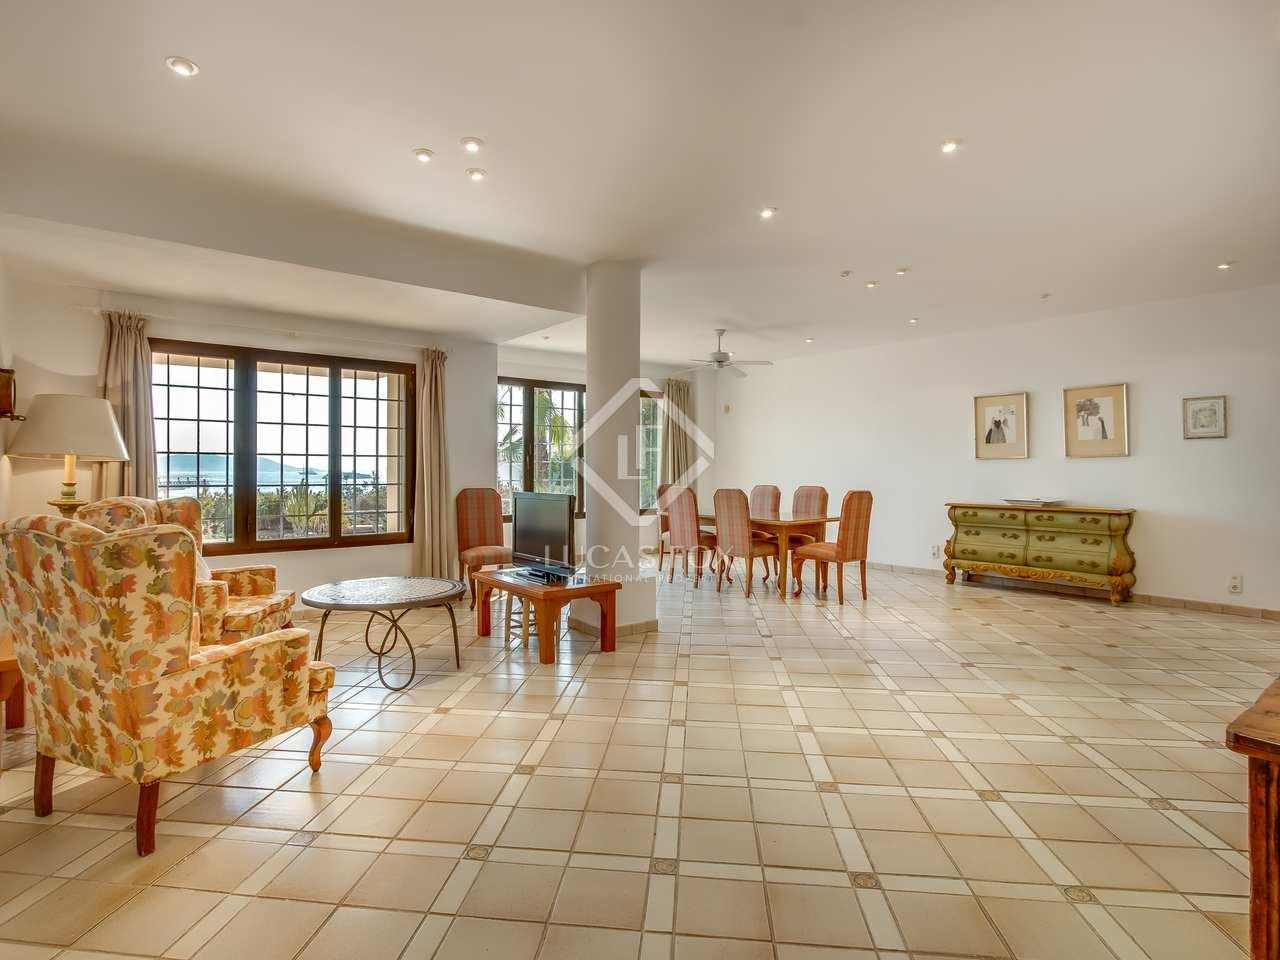 maison villa de 488m a vendre ibiza ville ibiza. Black Bedroom Furniture Sets. Home Design Ideas